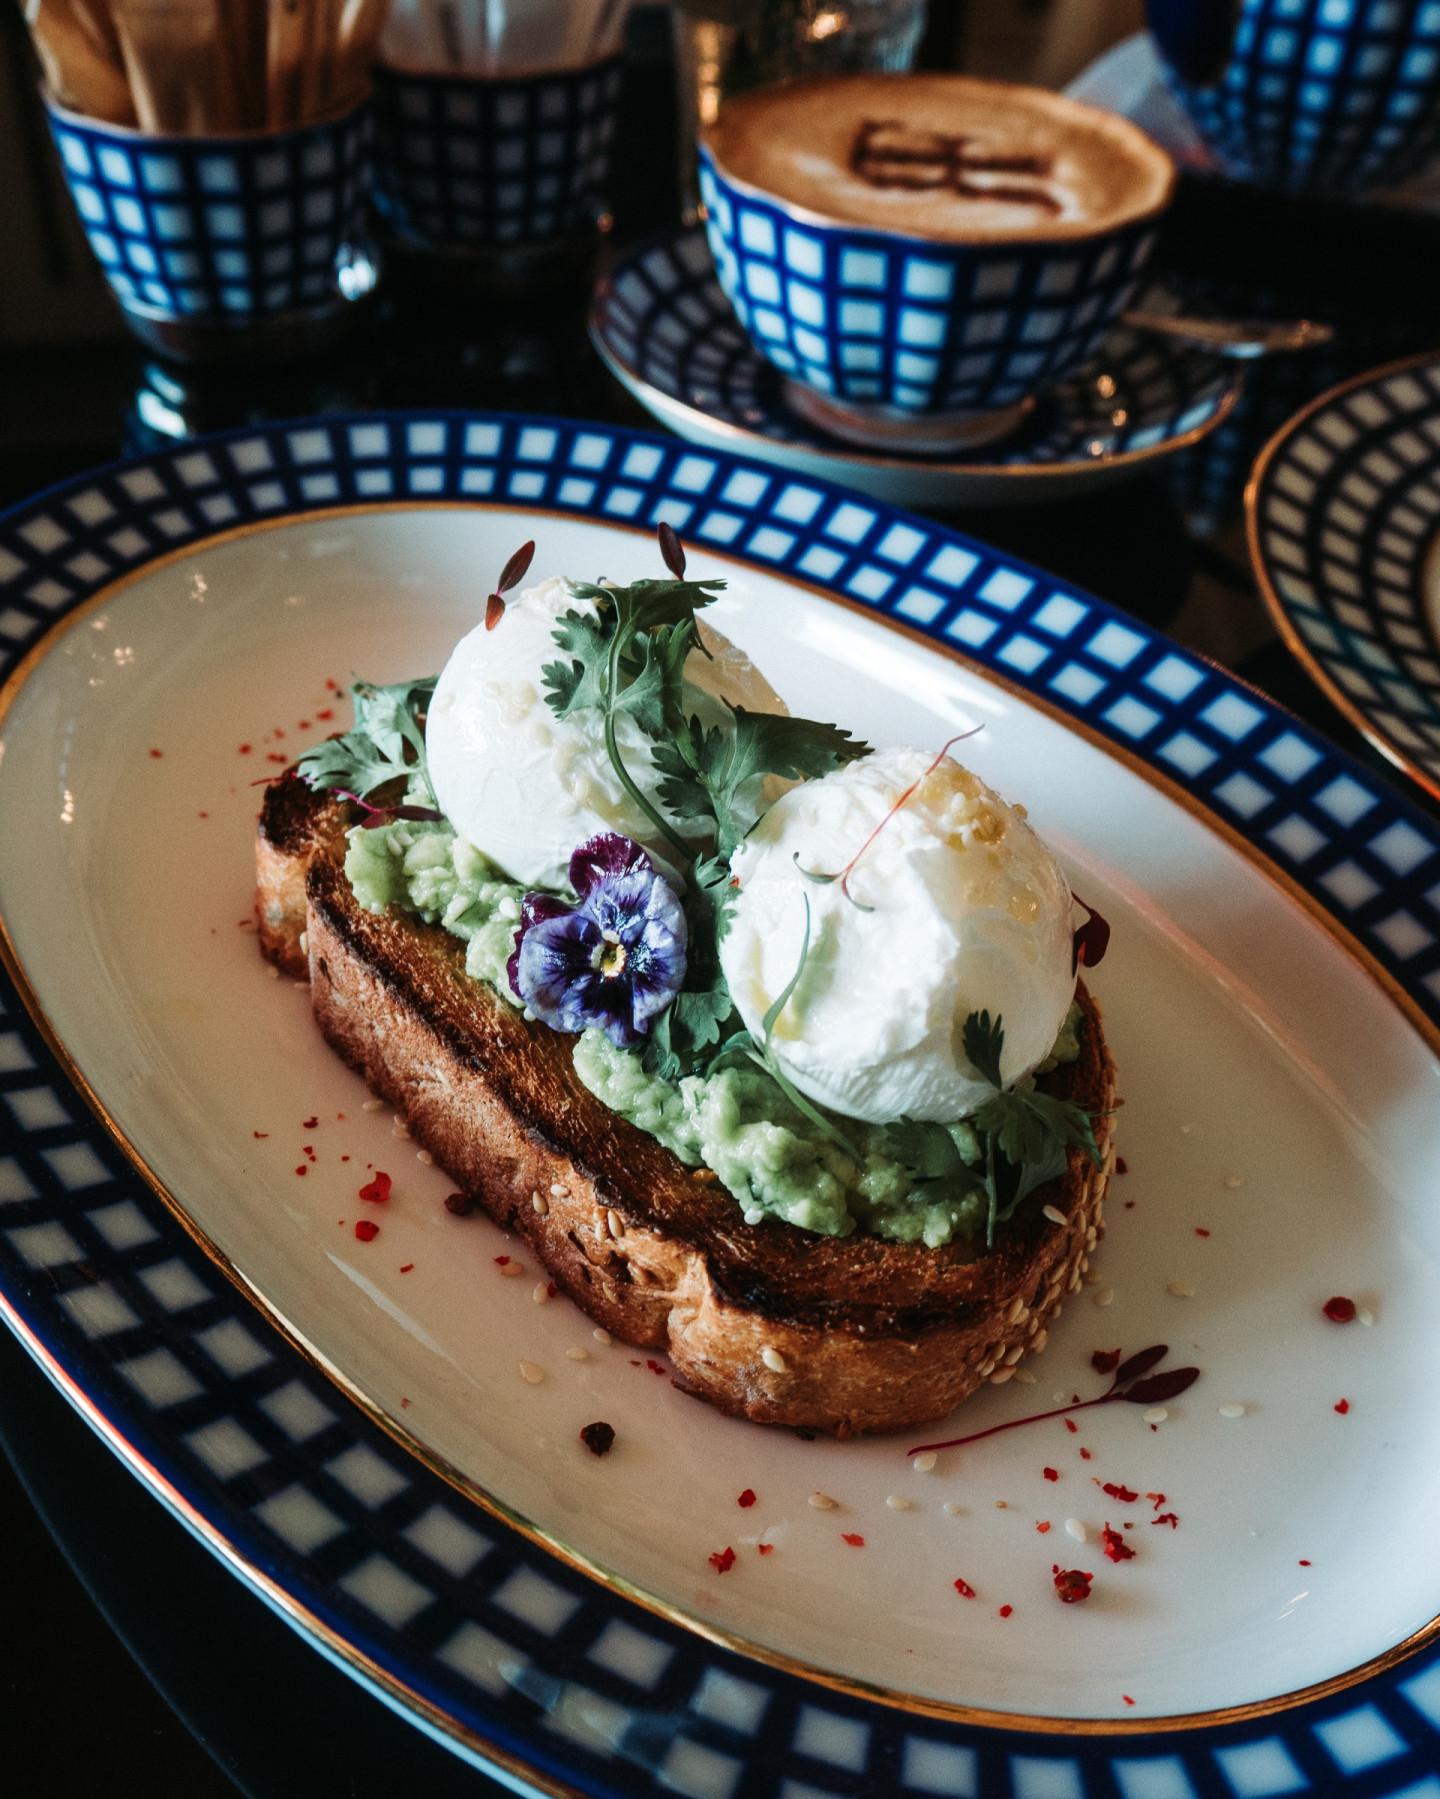 Яйцопашот с авокадо на цельнозерновом хлебе